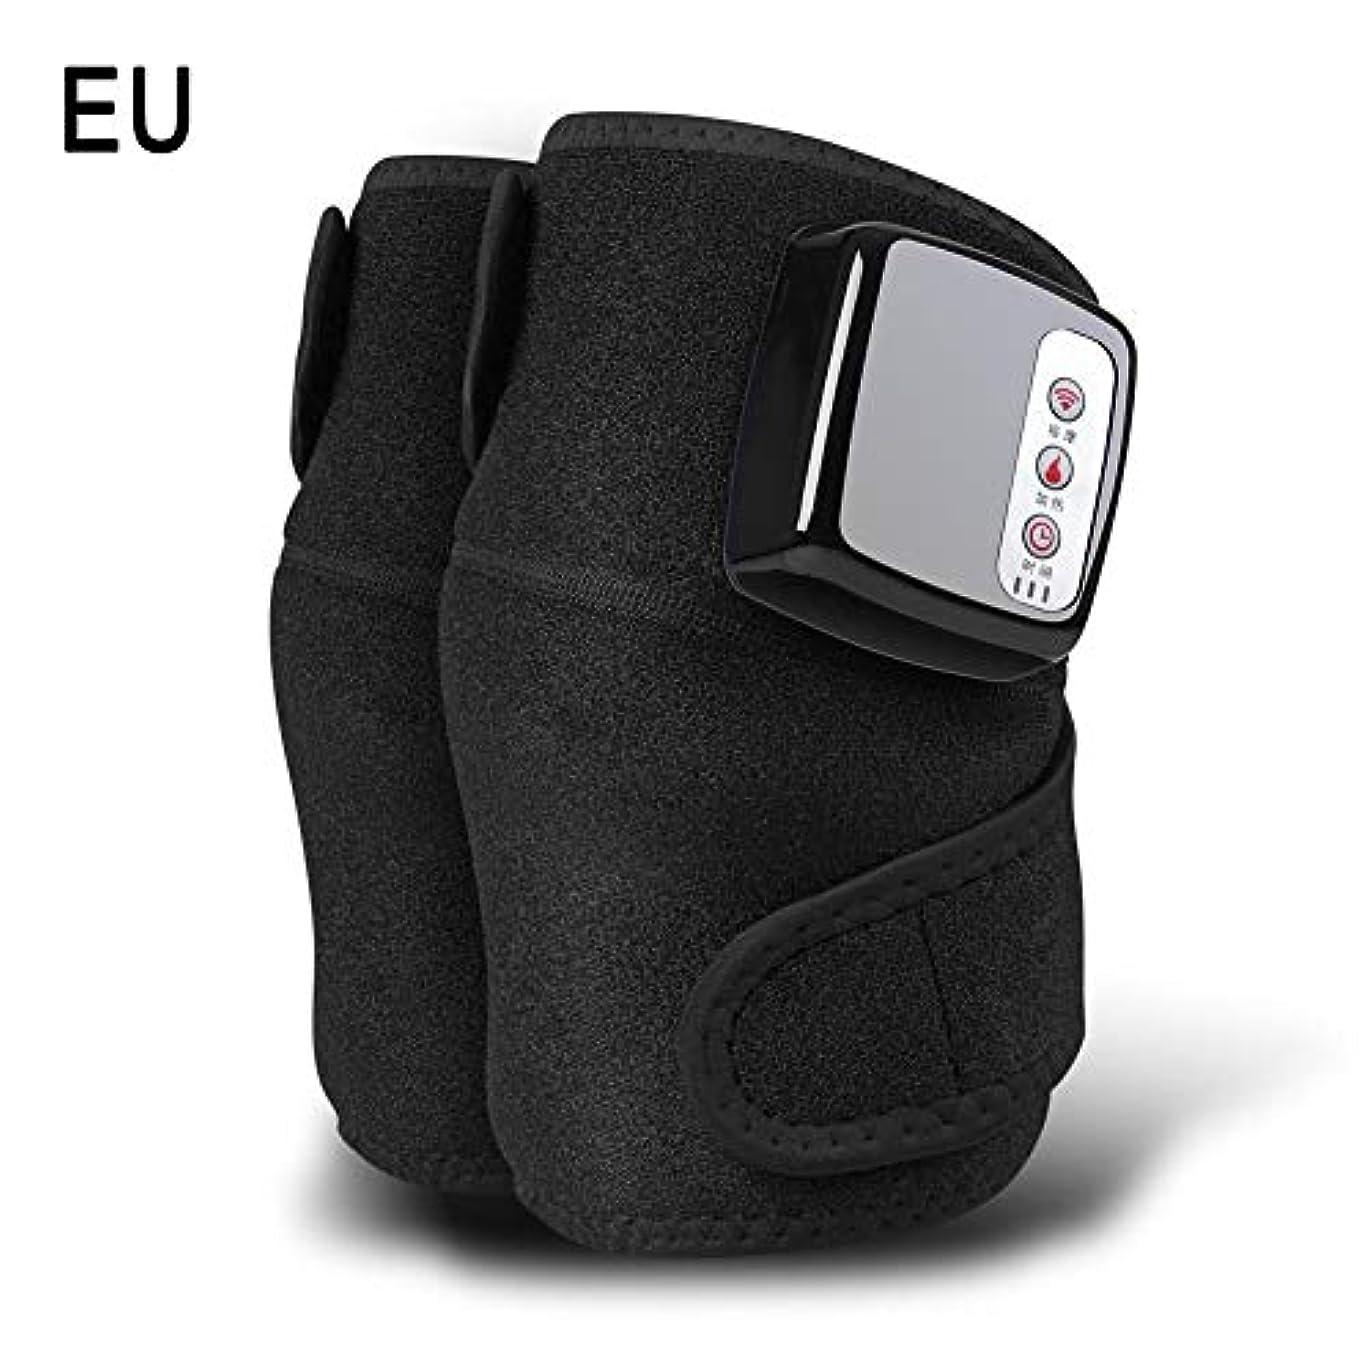 フィード誰がバーター膝マッサージャー、ホットコンプレス、振動、多機能充電式発熱膝マッサージャー、暖かい膝関節、古い冷たい脚